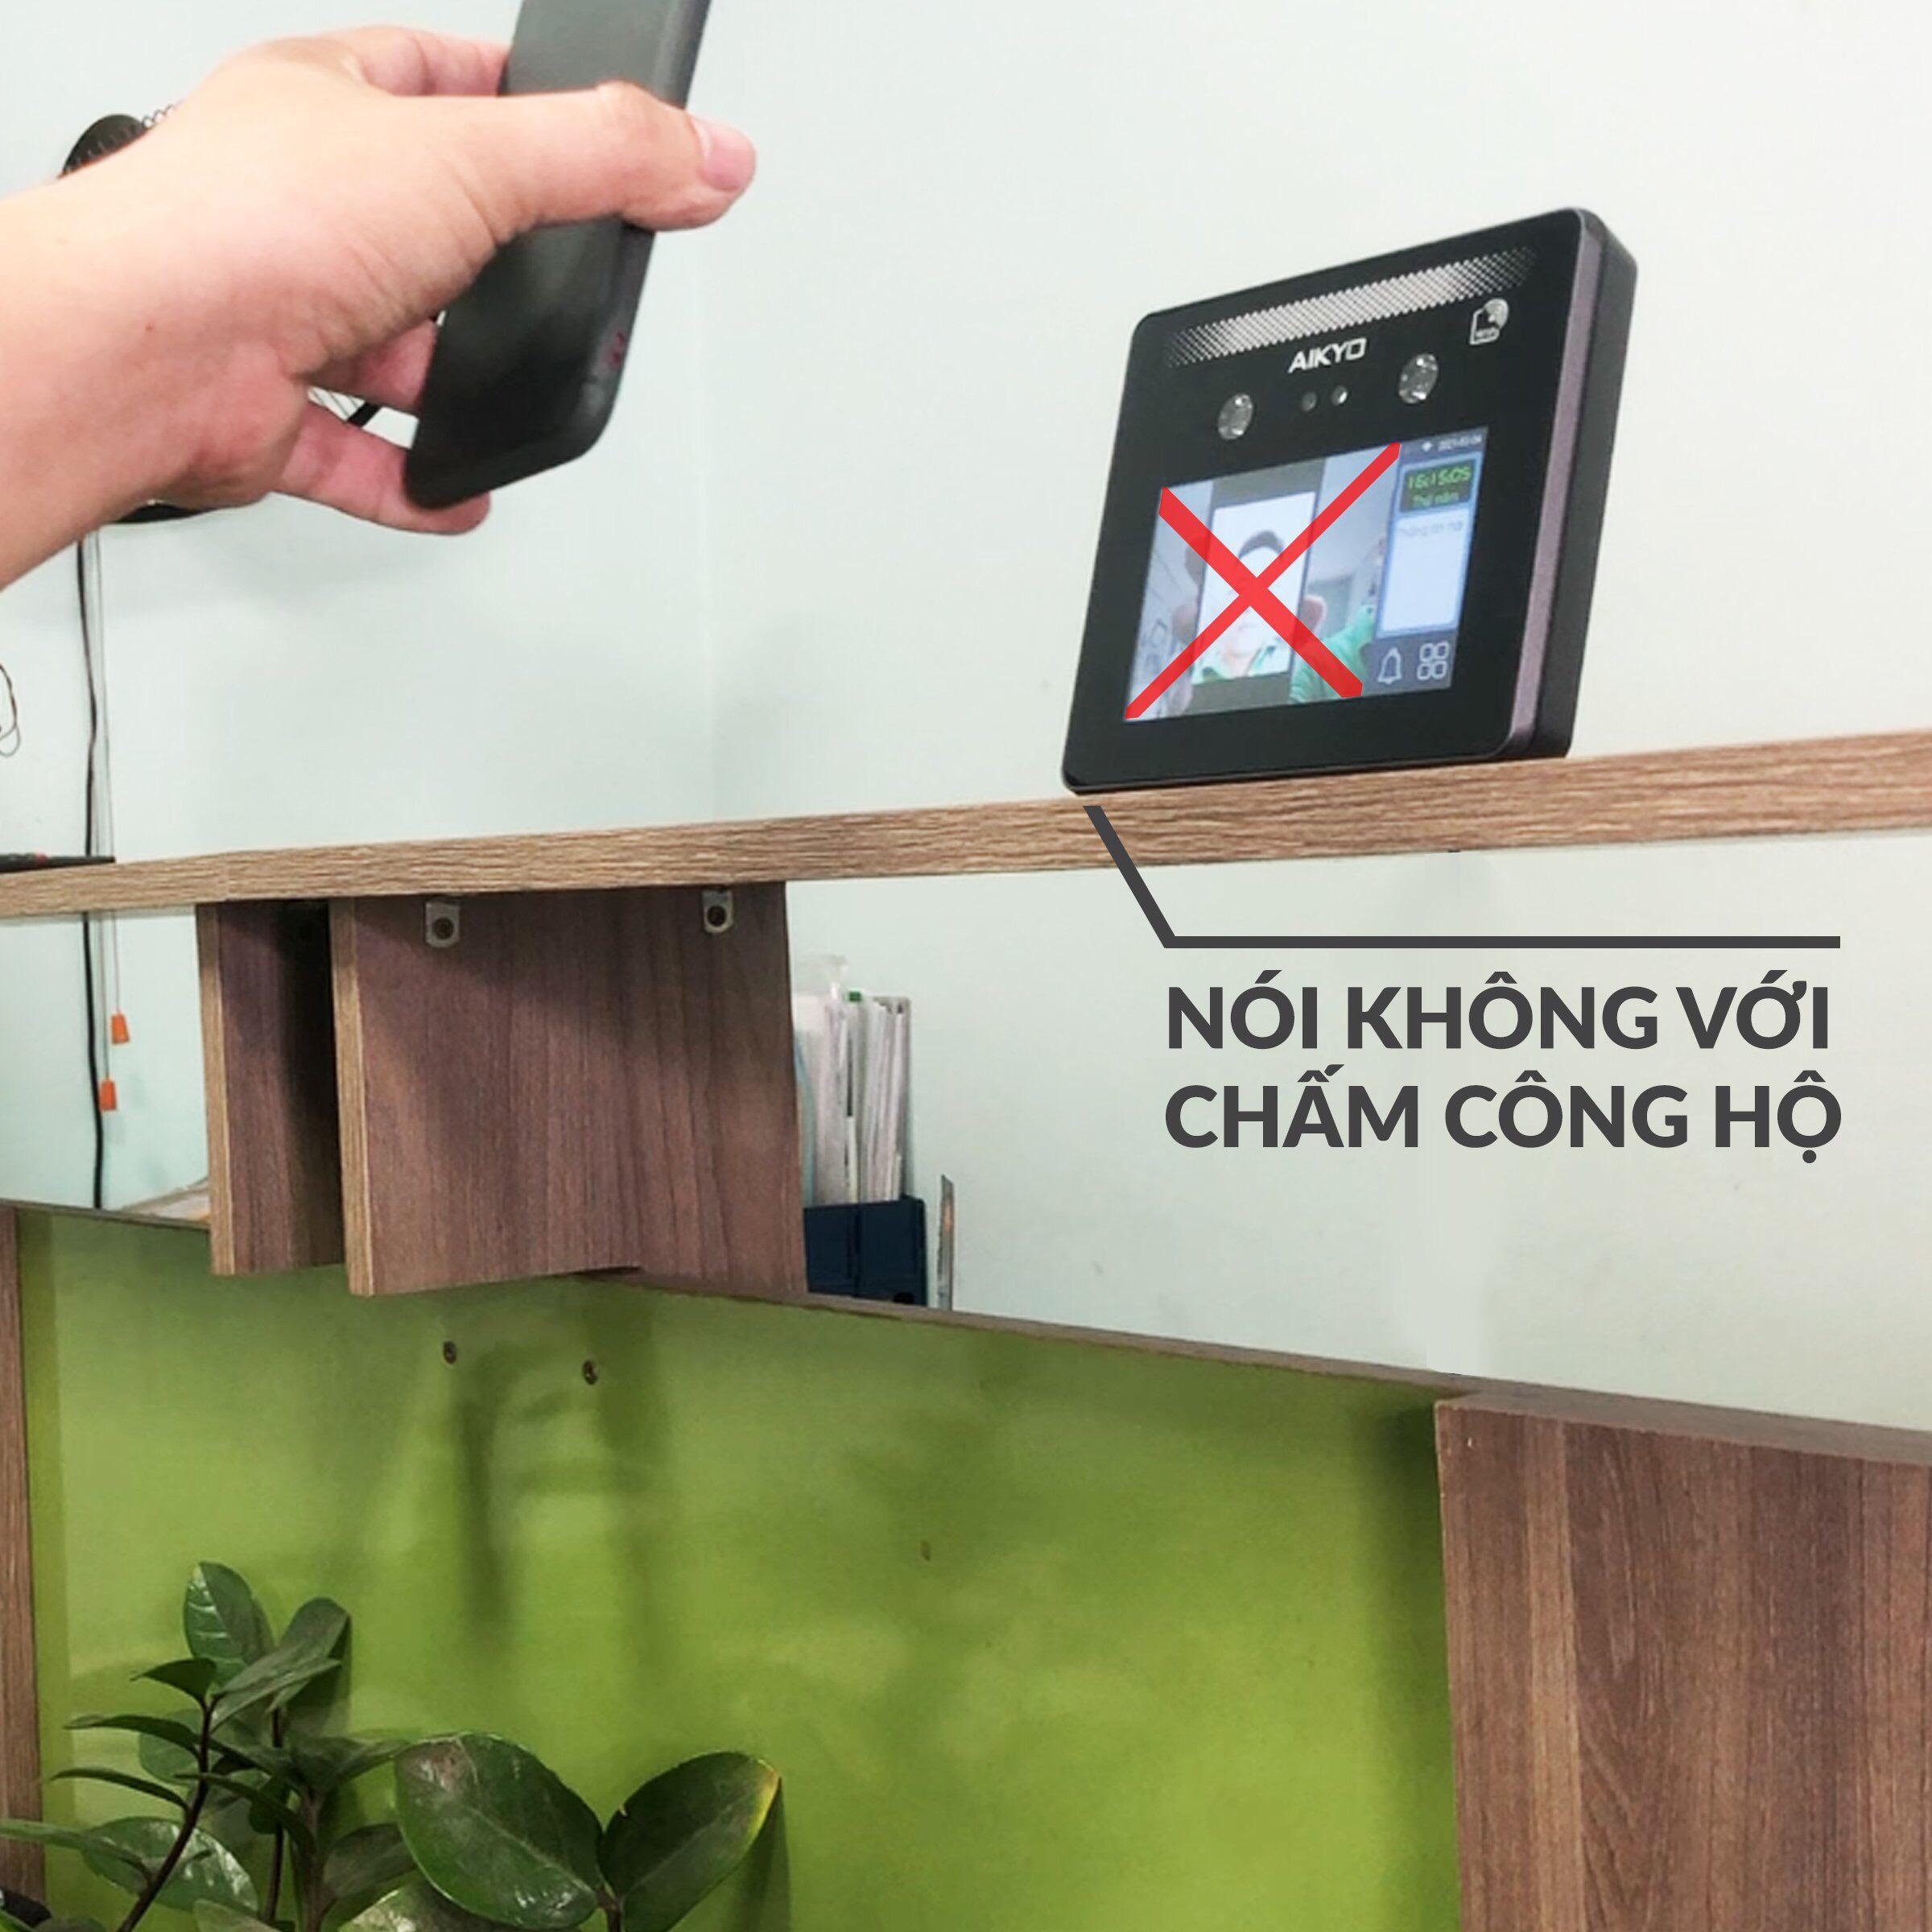 Aikyo Iface nói không với chấm công hộ